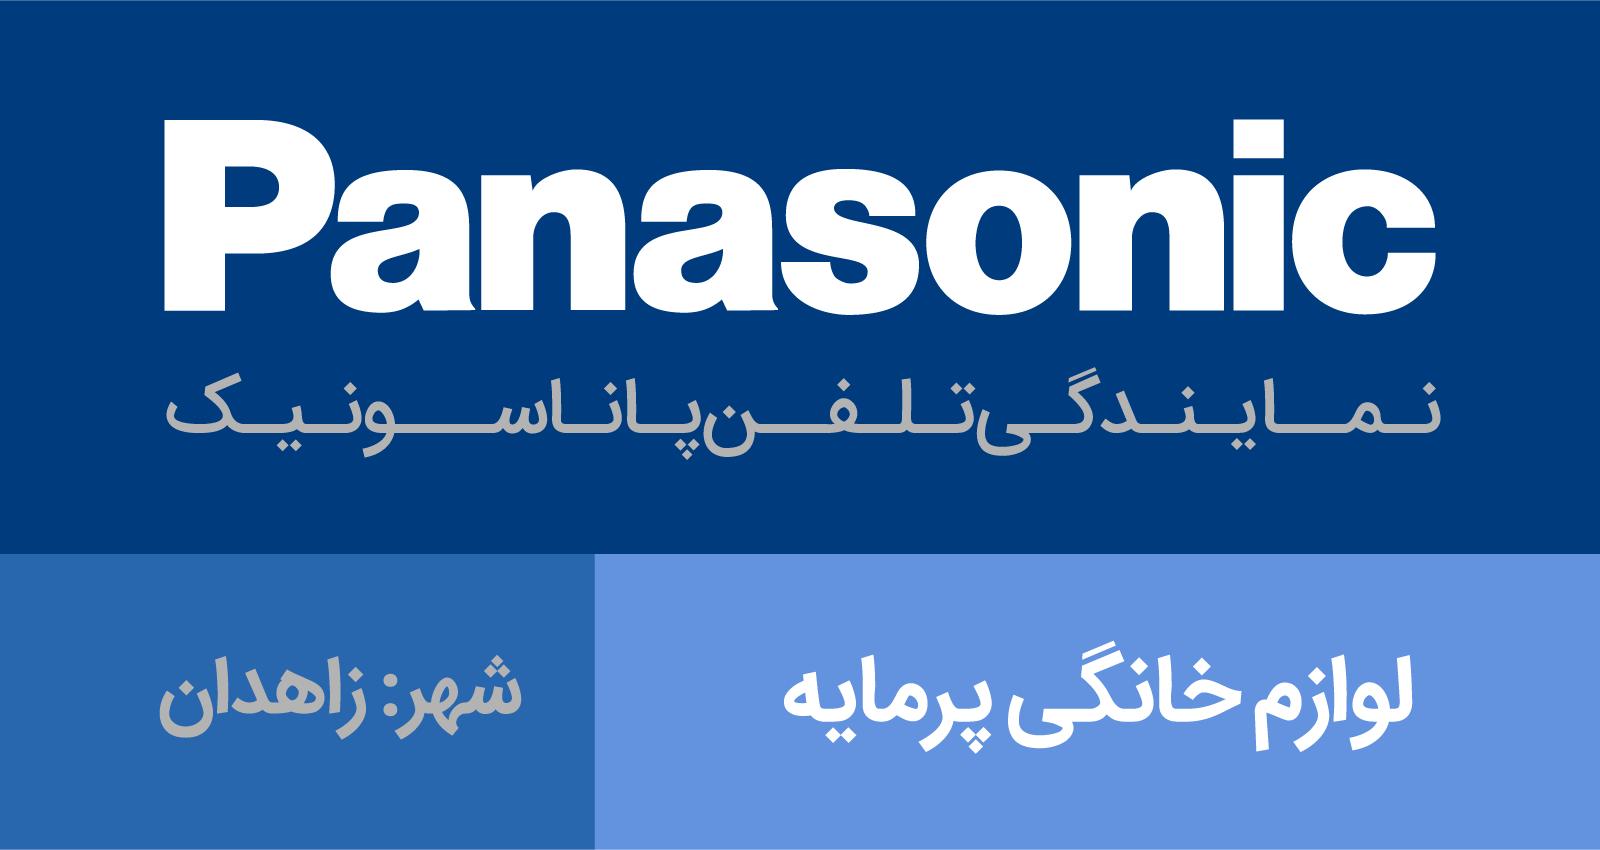 نمایندگی پاناسونیک زاهدان - لوازم خانگی پرمایه